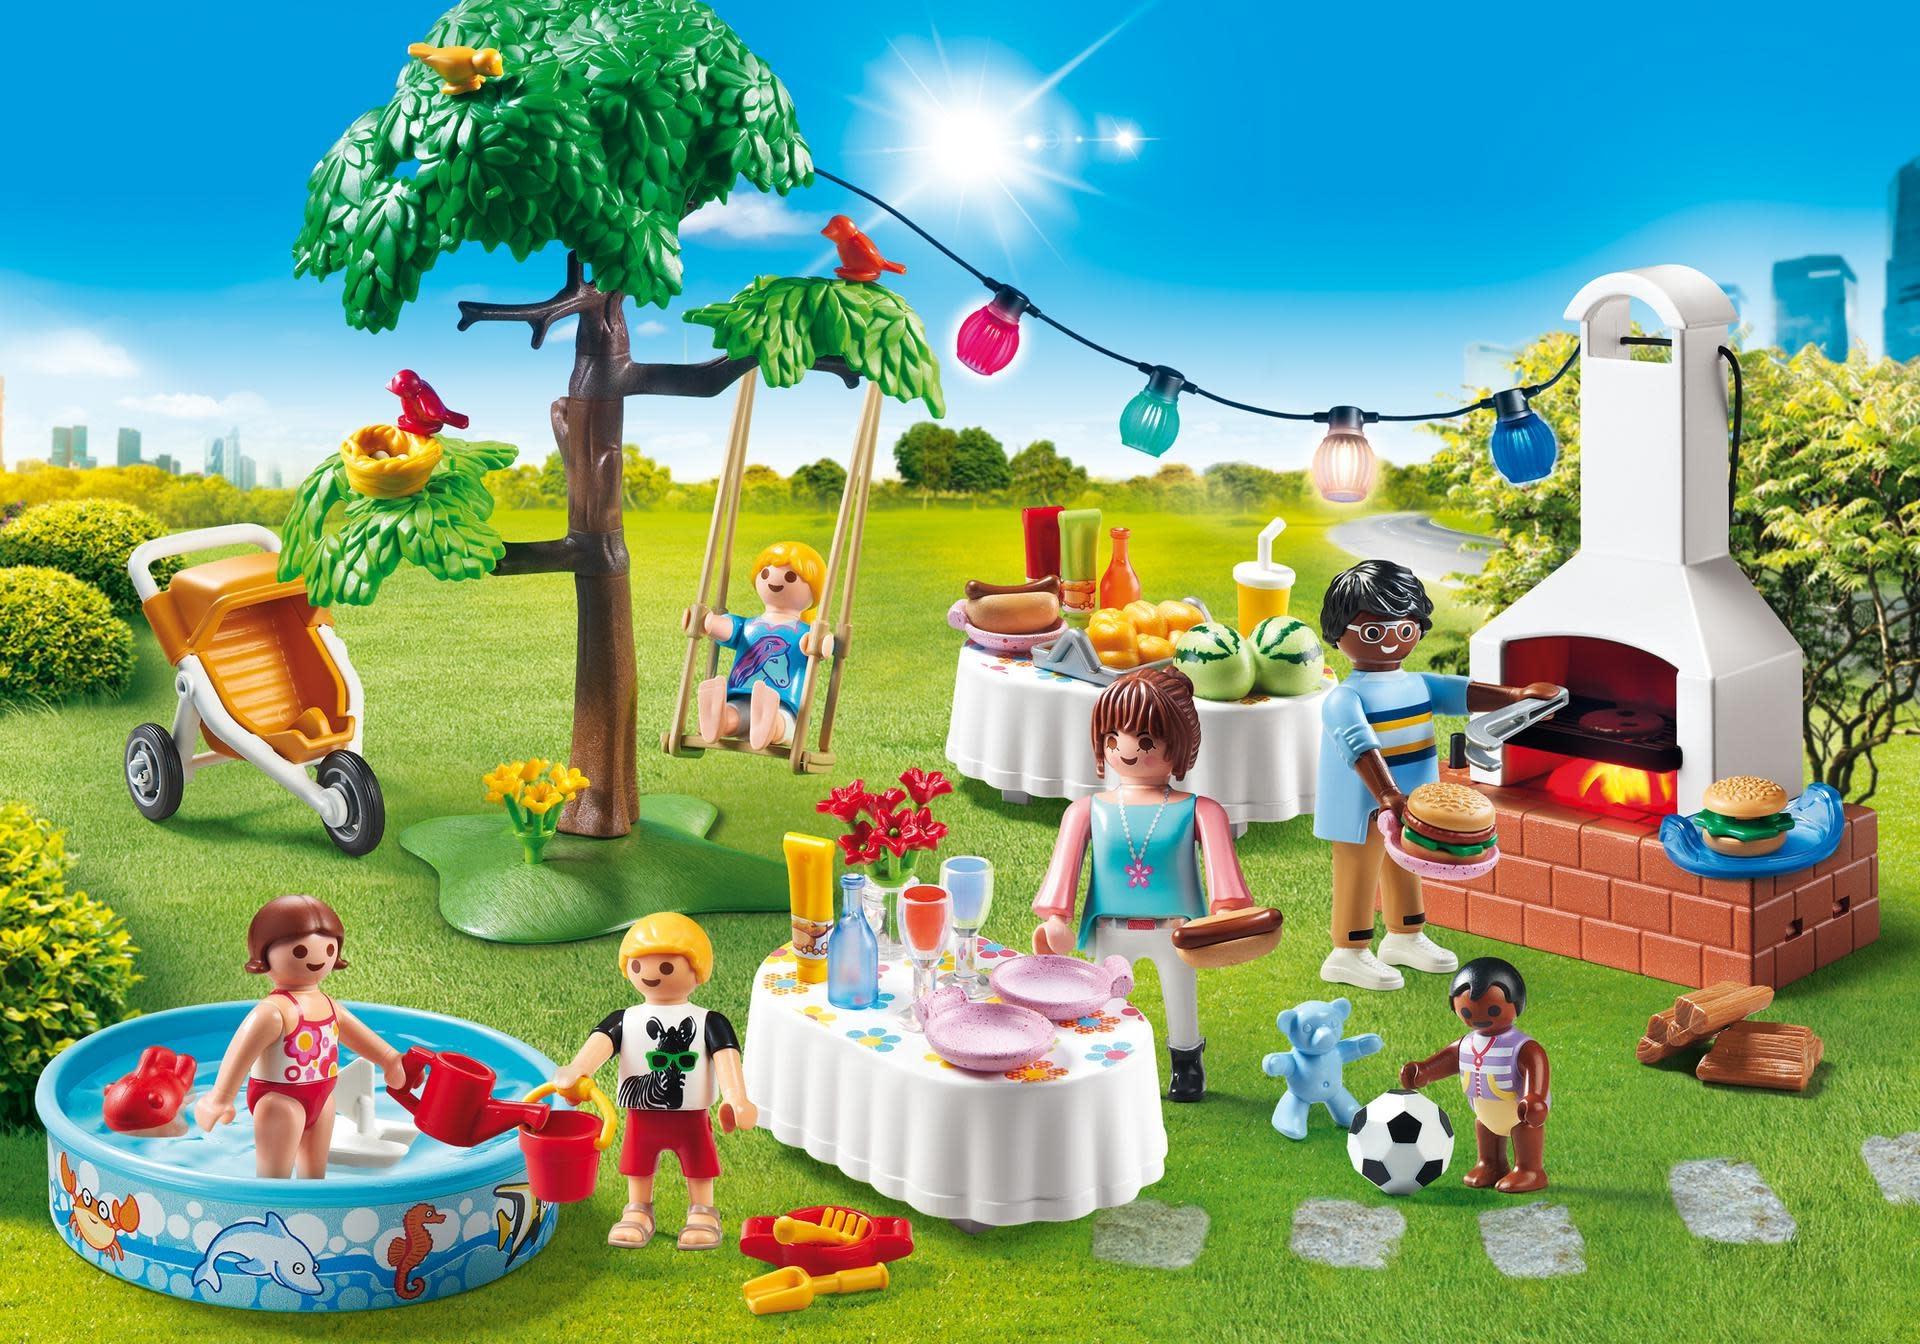 Maison moderne playmobil- une fête dans le jardin.